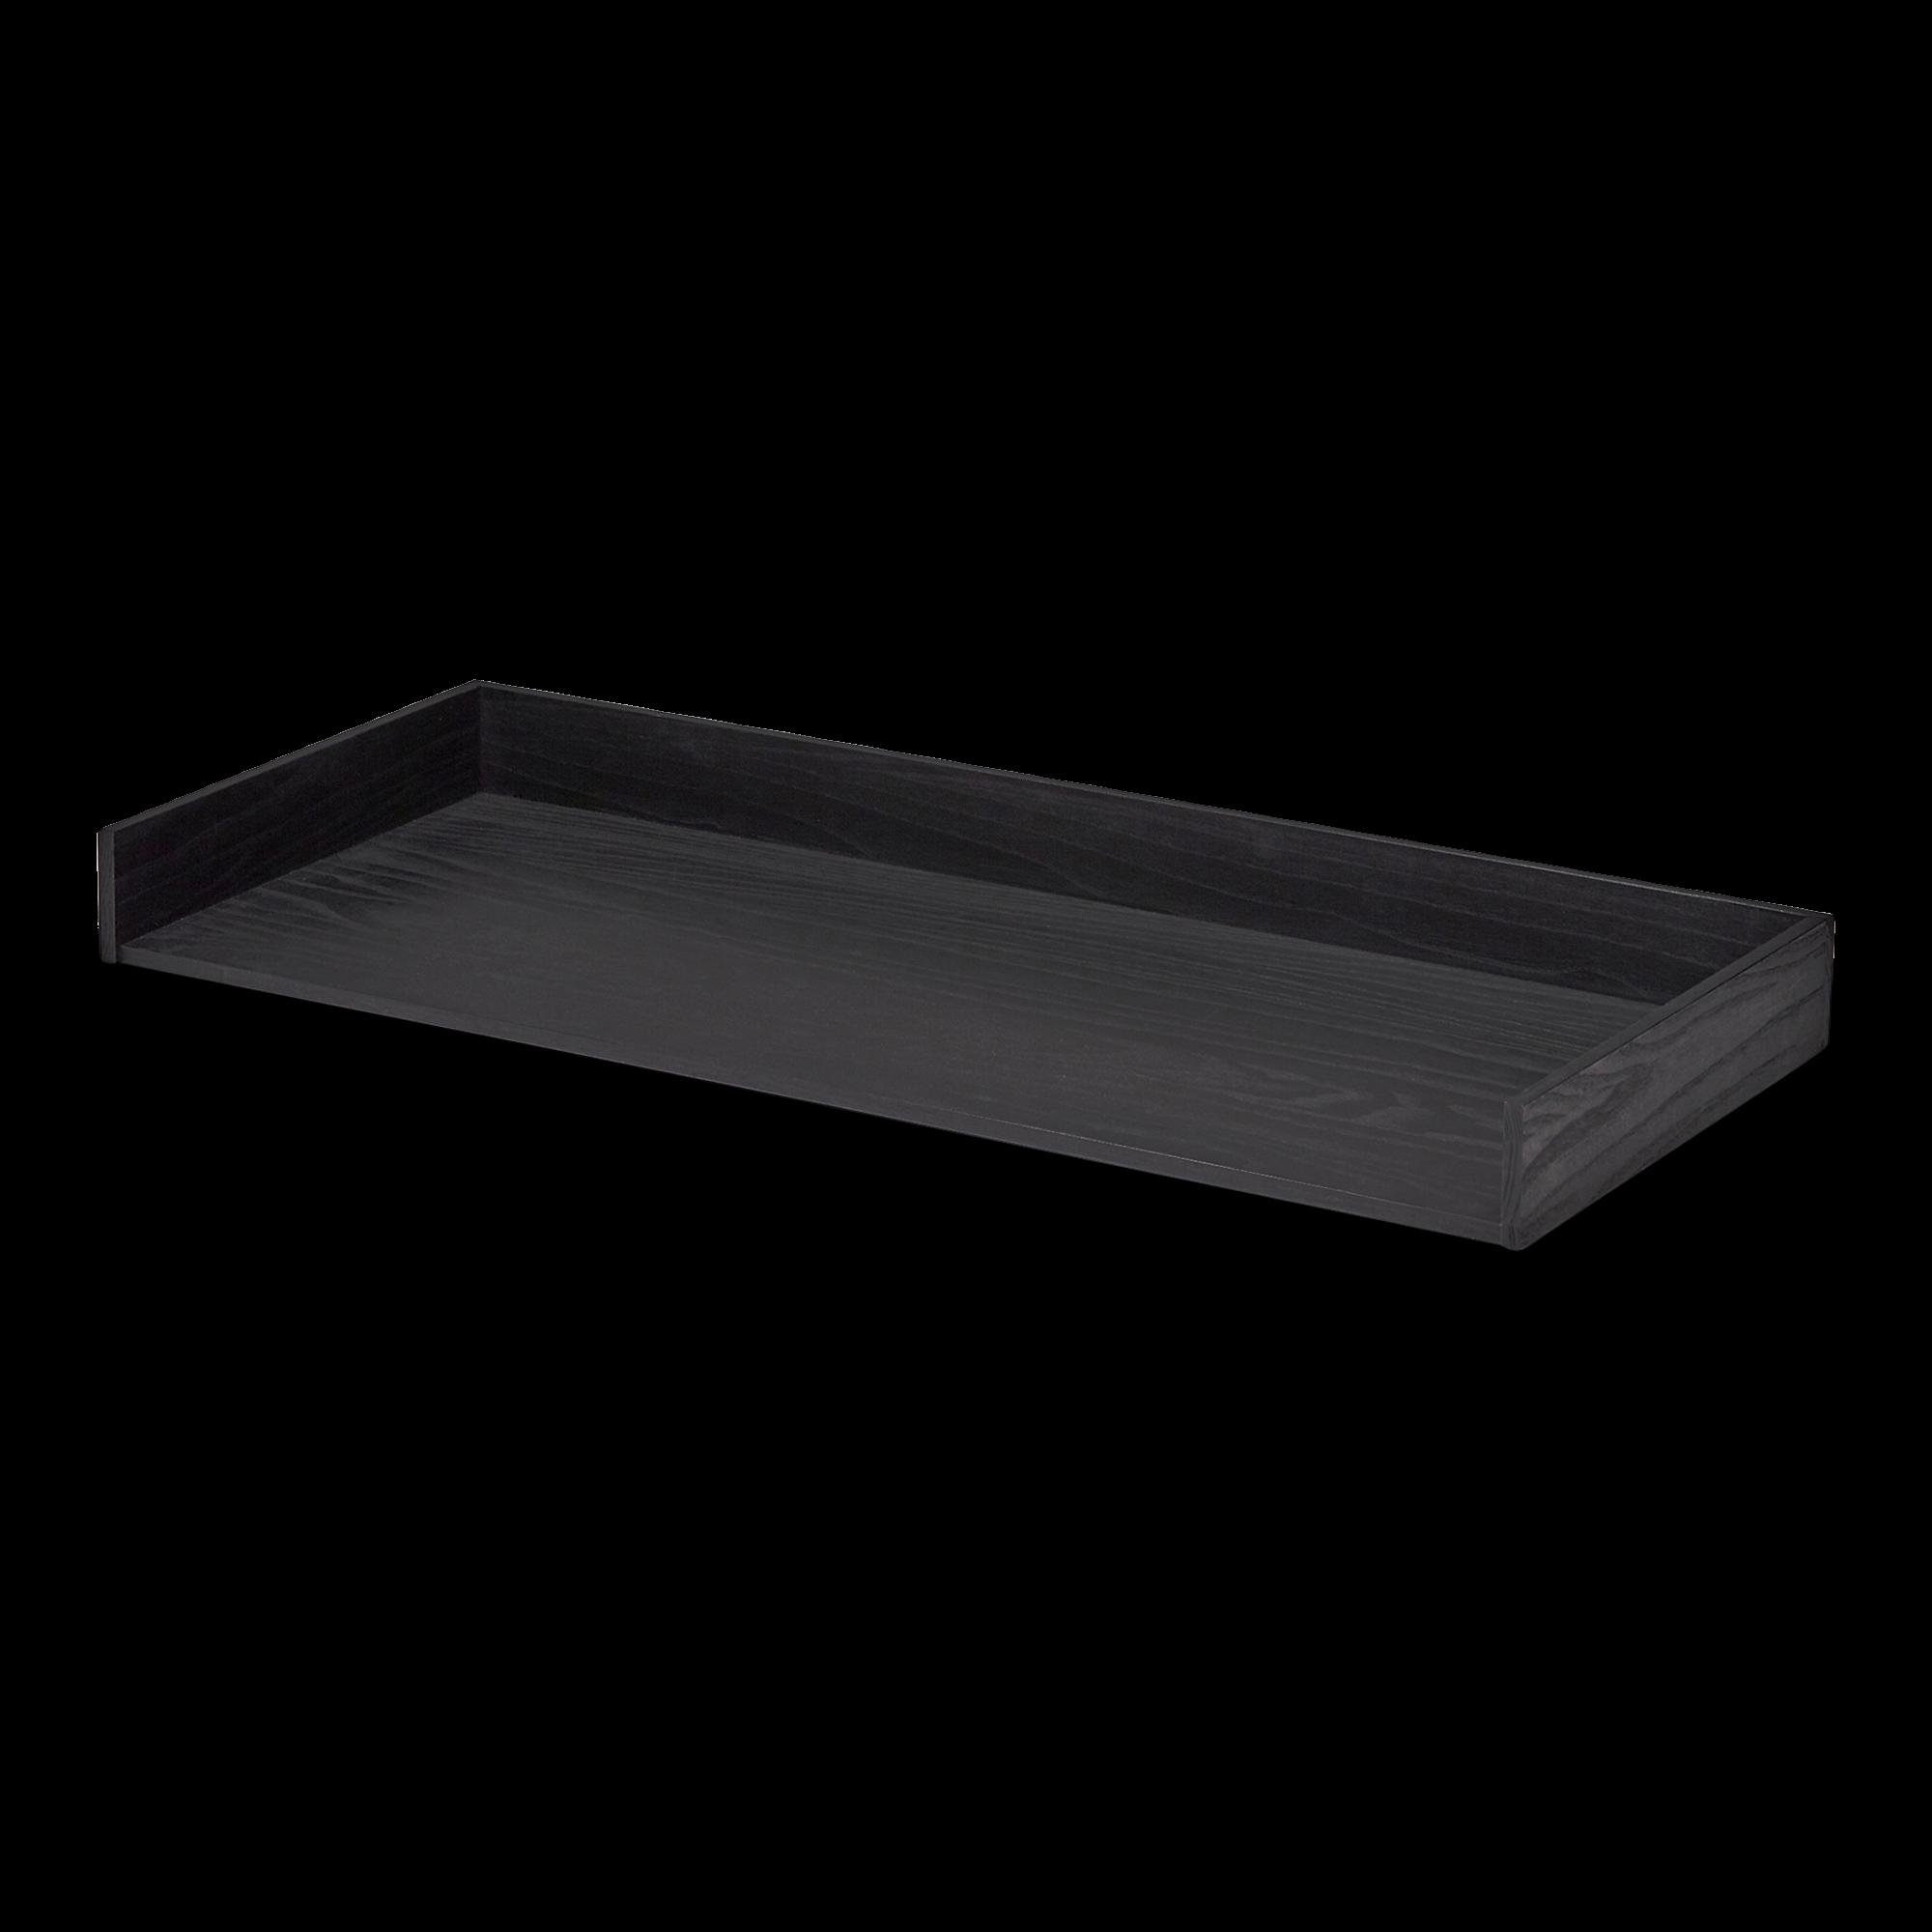 vivlio-shelf-small